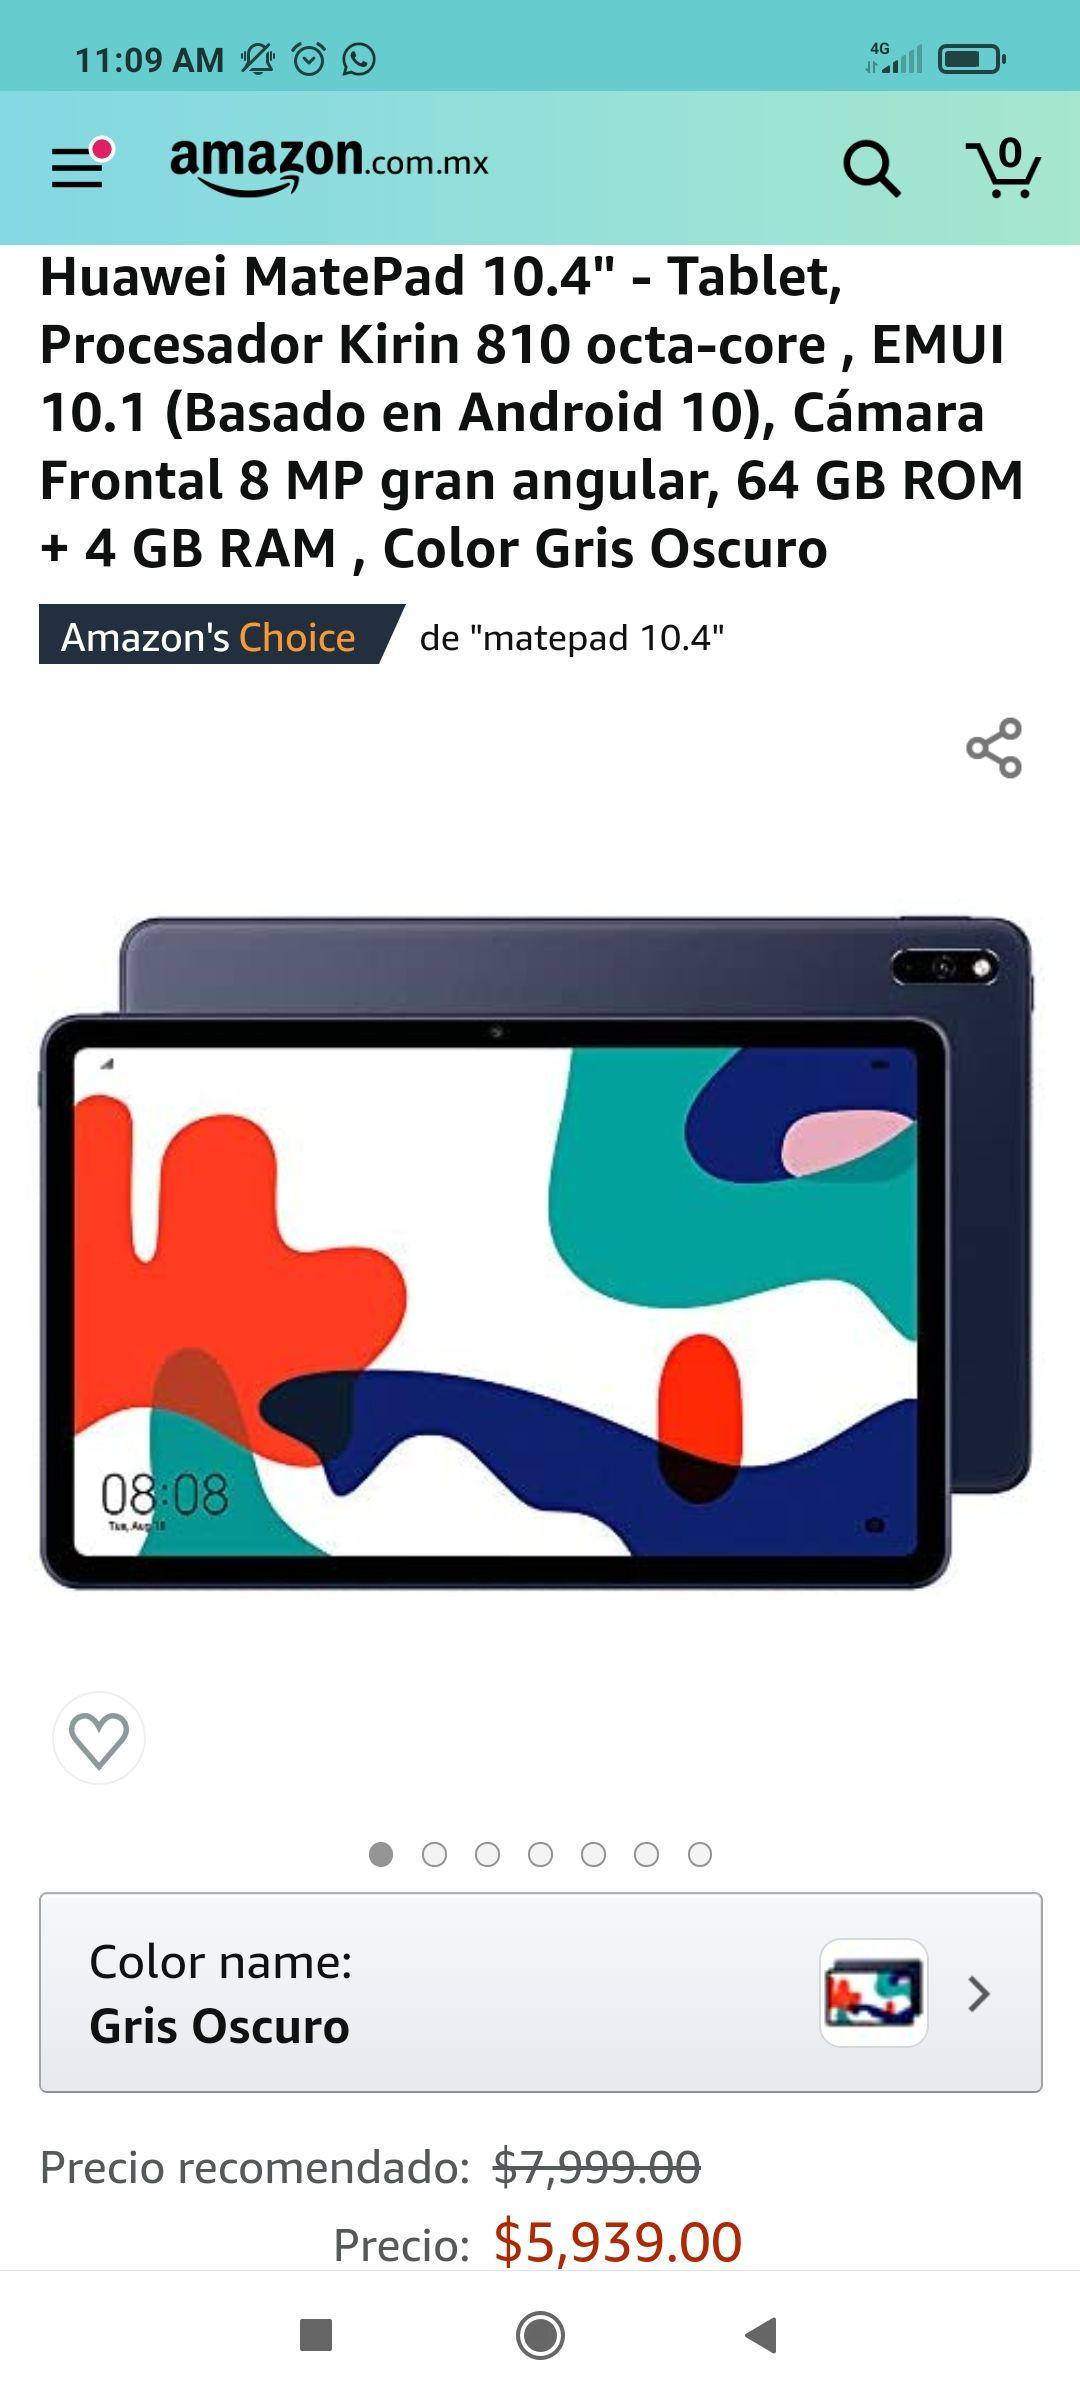 Amazon: Huawei Matepad 10.4